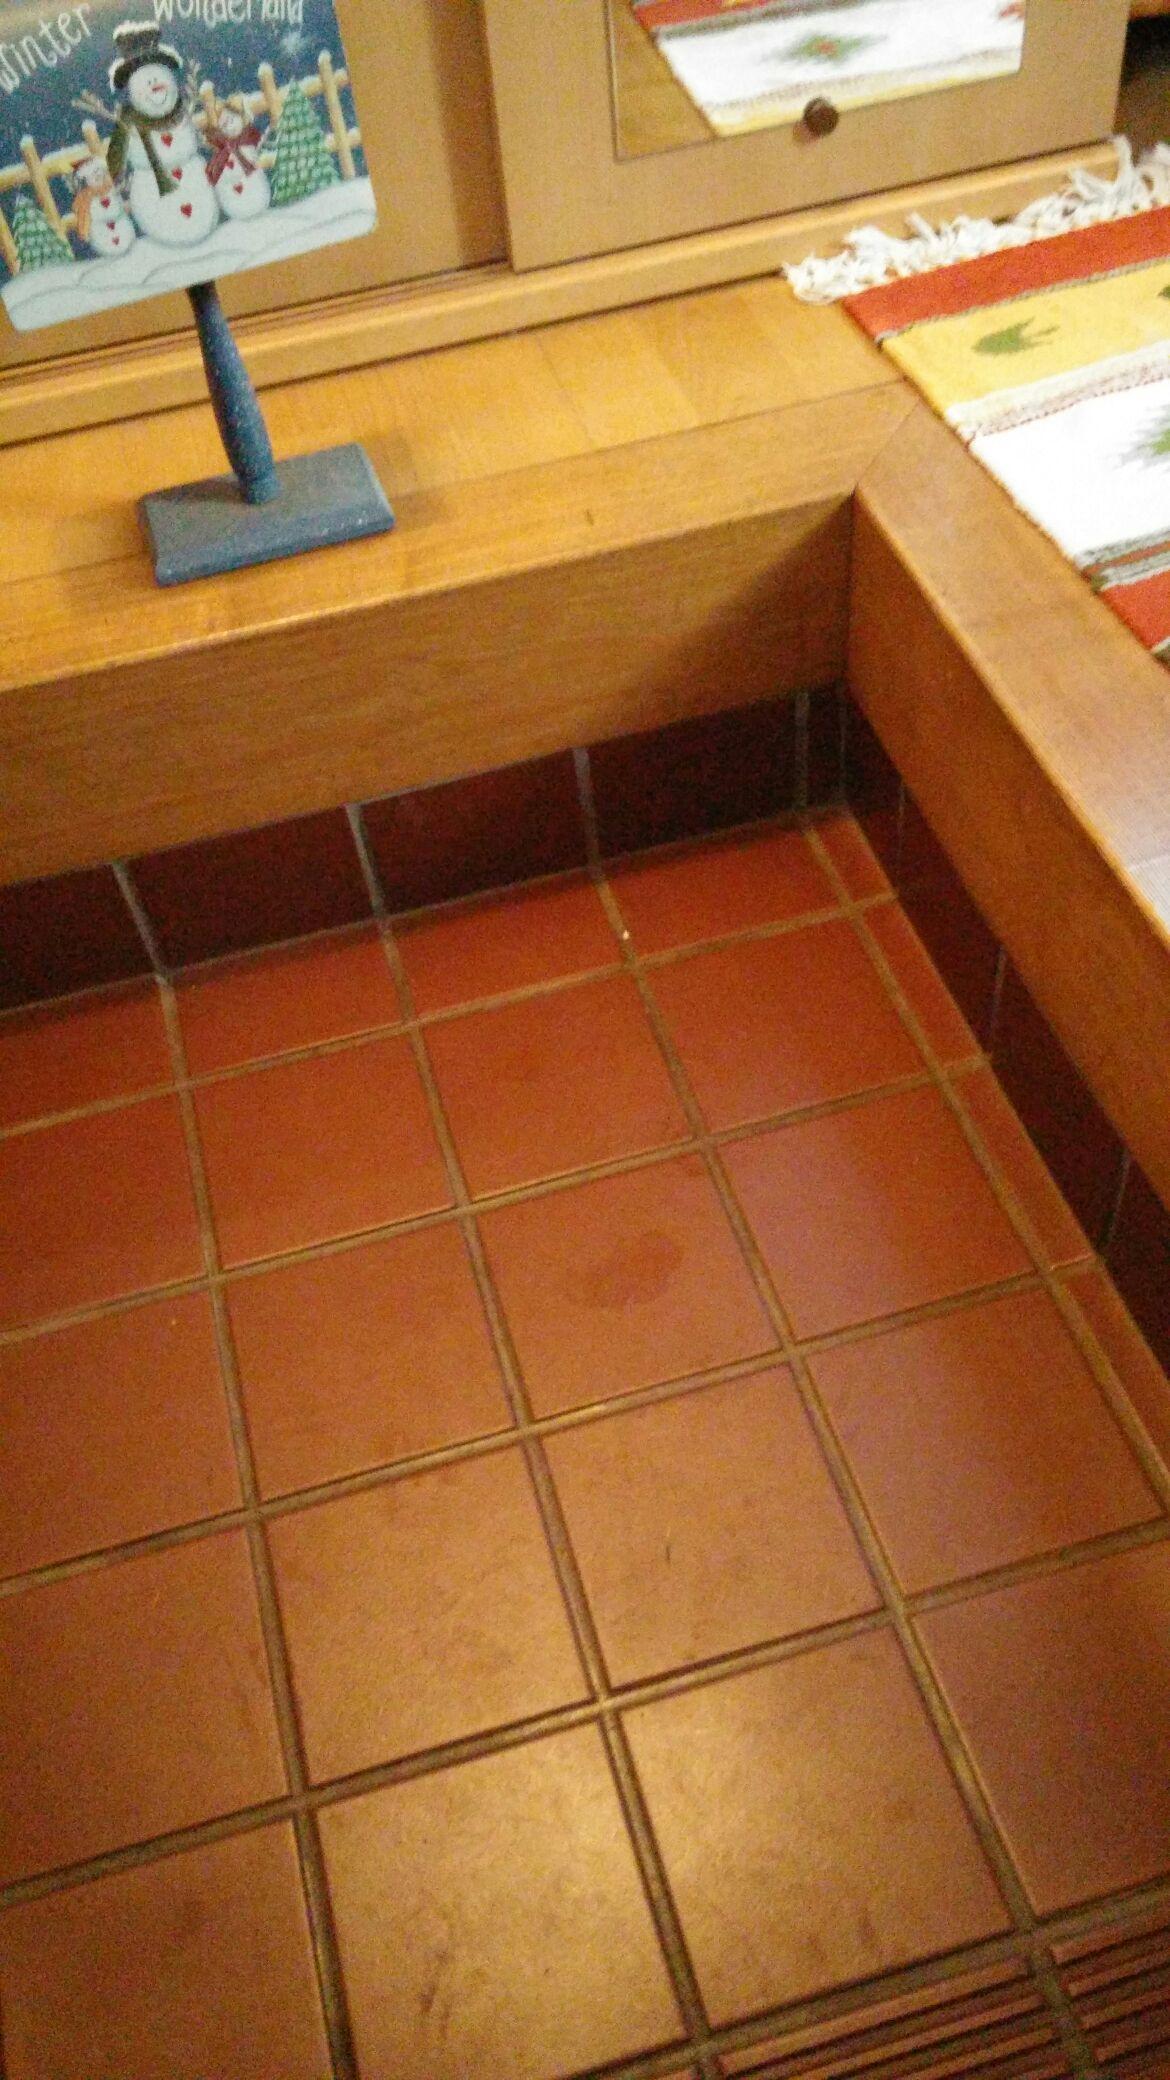 玄関タイルの汚れの掃除には水を使用?おすすめの掃除方法と洗剤